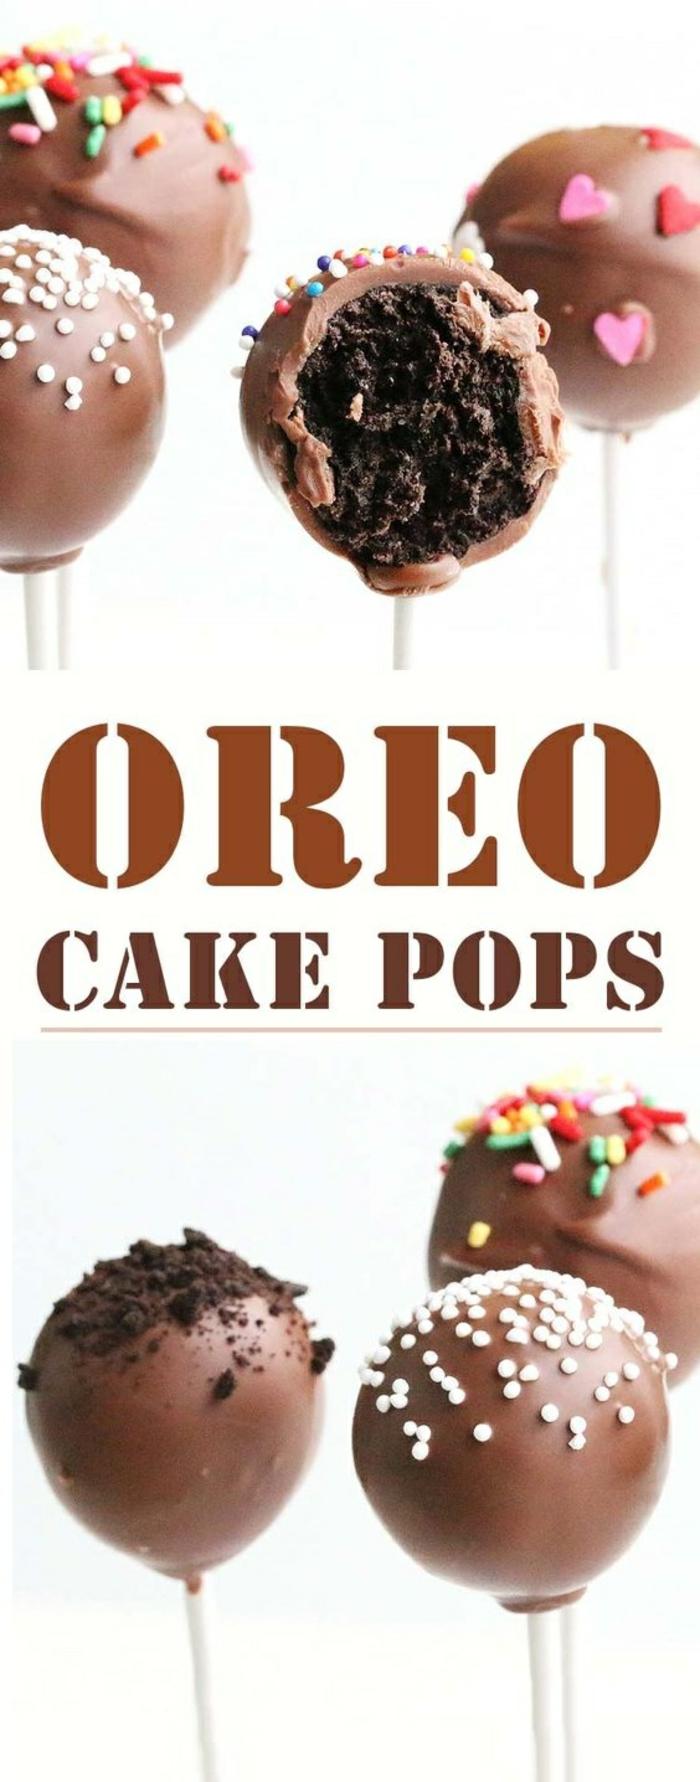 kuchen am stiel mit glasur aus schokolade dekoriert mit zuckerperlen